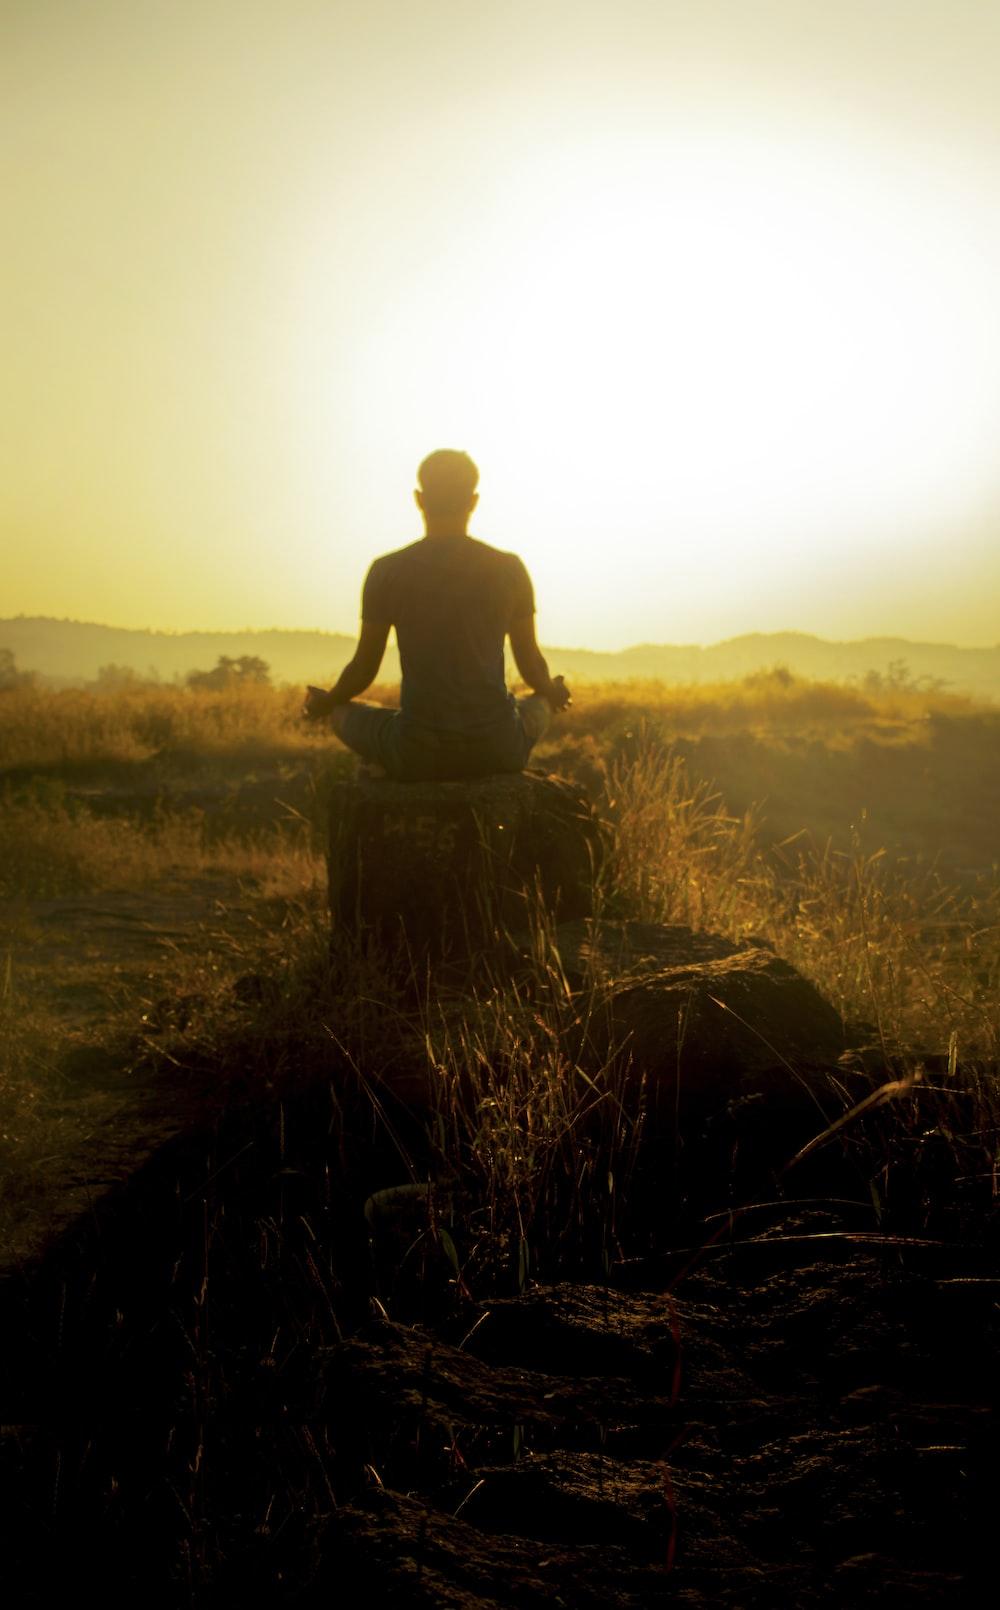 man in black shirt sitting on brown grass during daytime